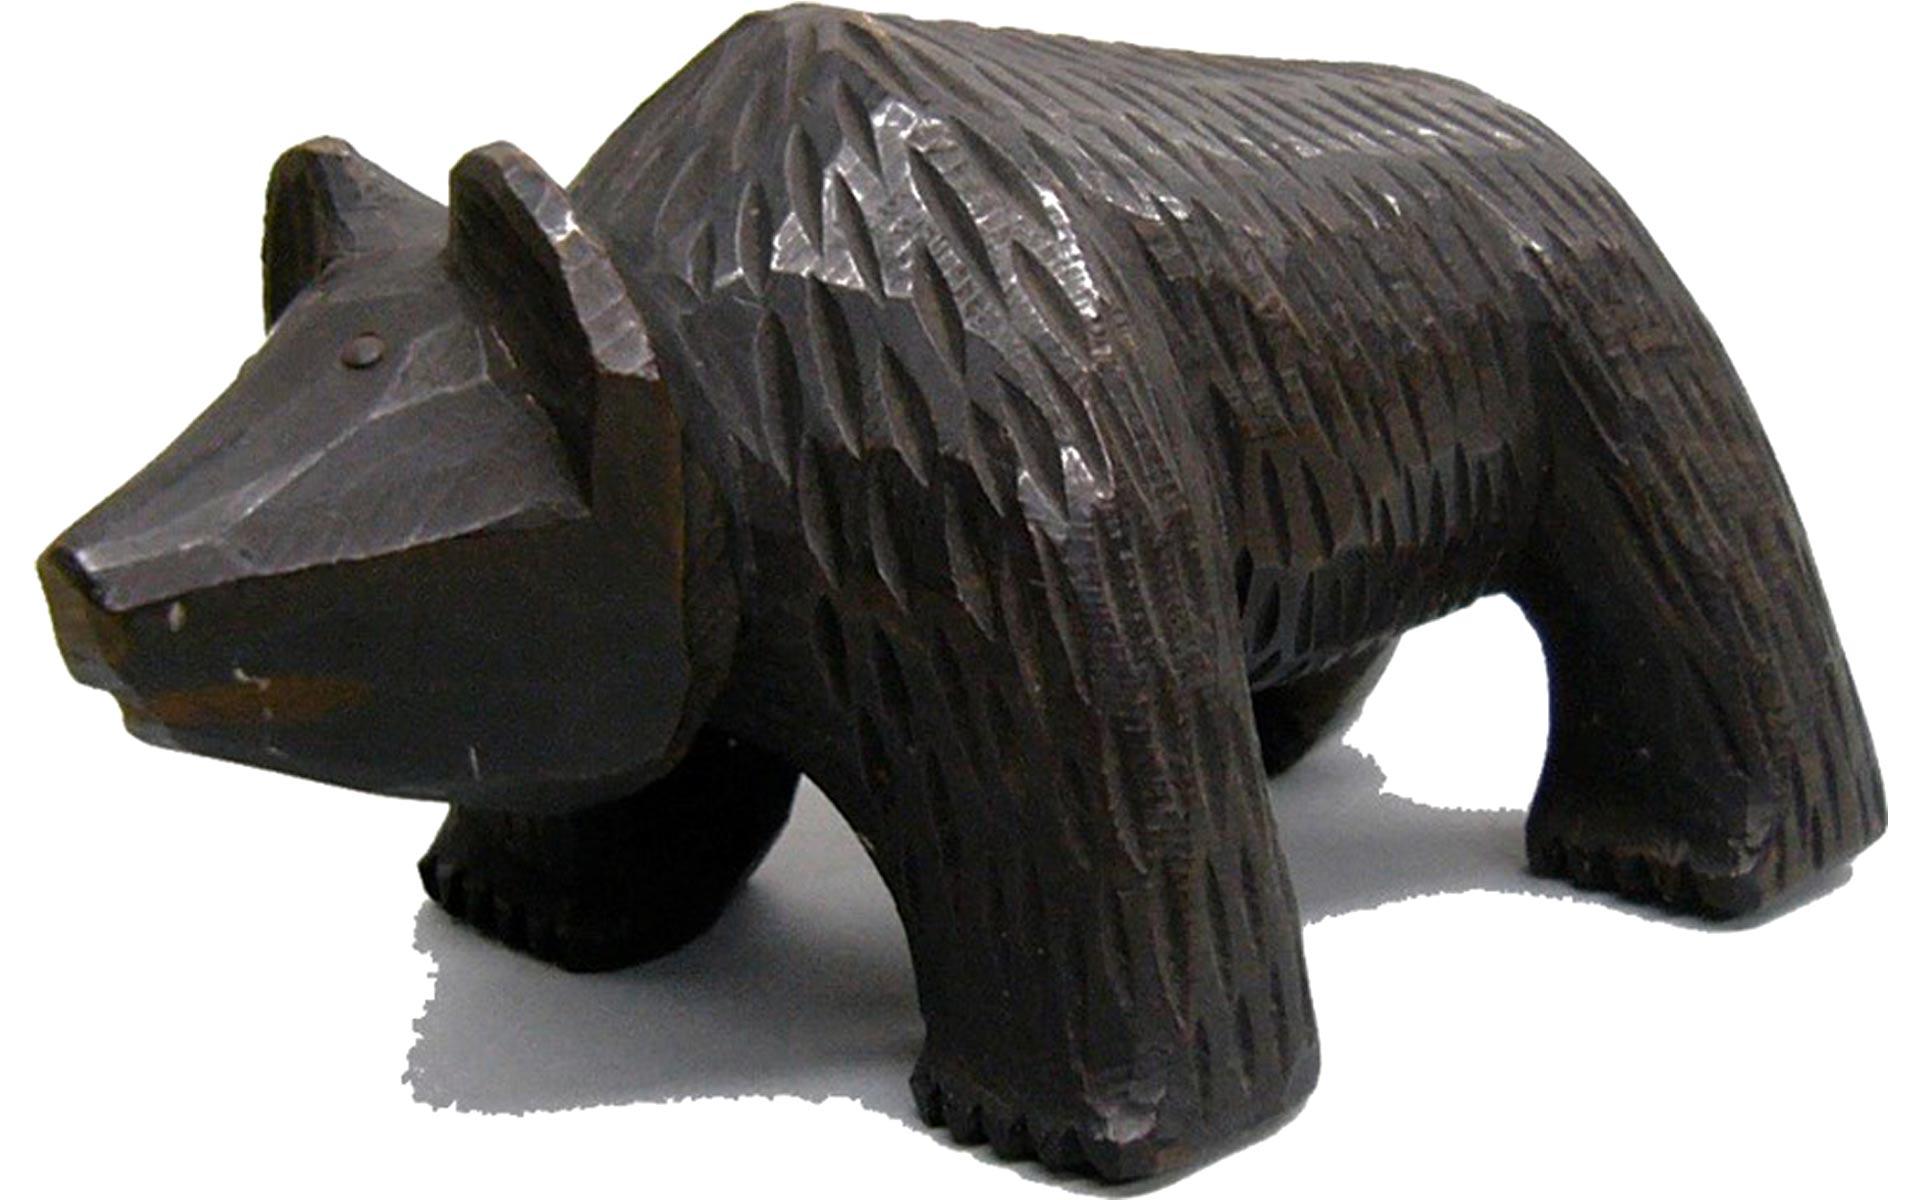 大正末~昭和初期頃(1920年代頃)に旭川の近文(ちかぶみ)で彫られていた木彫り熊